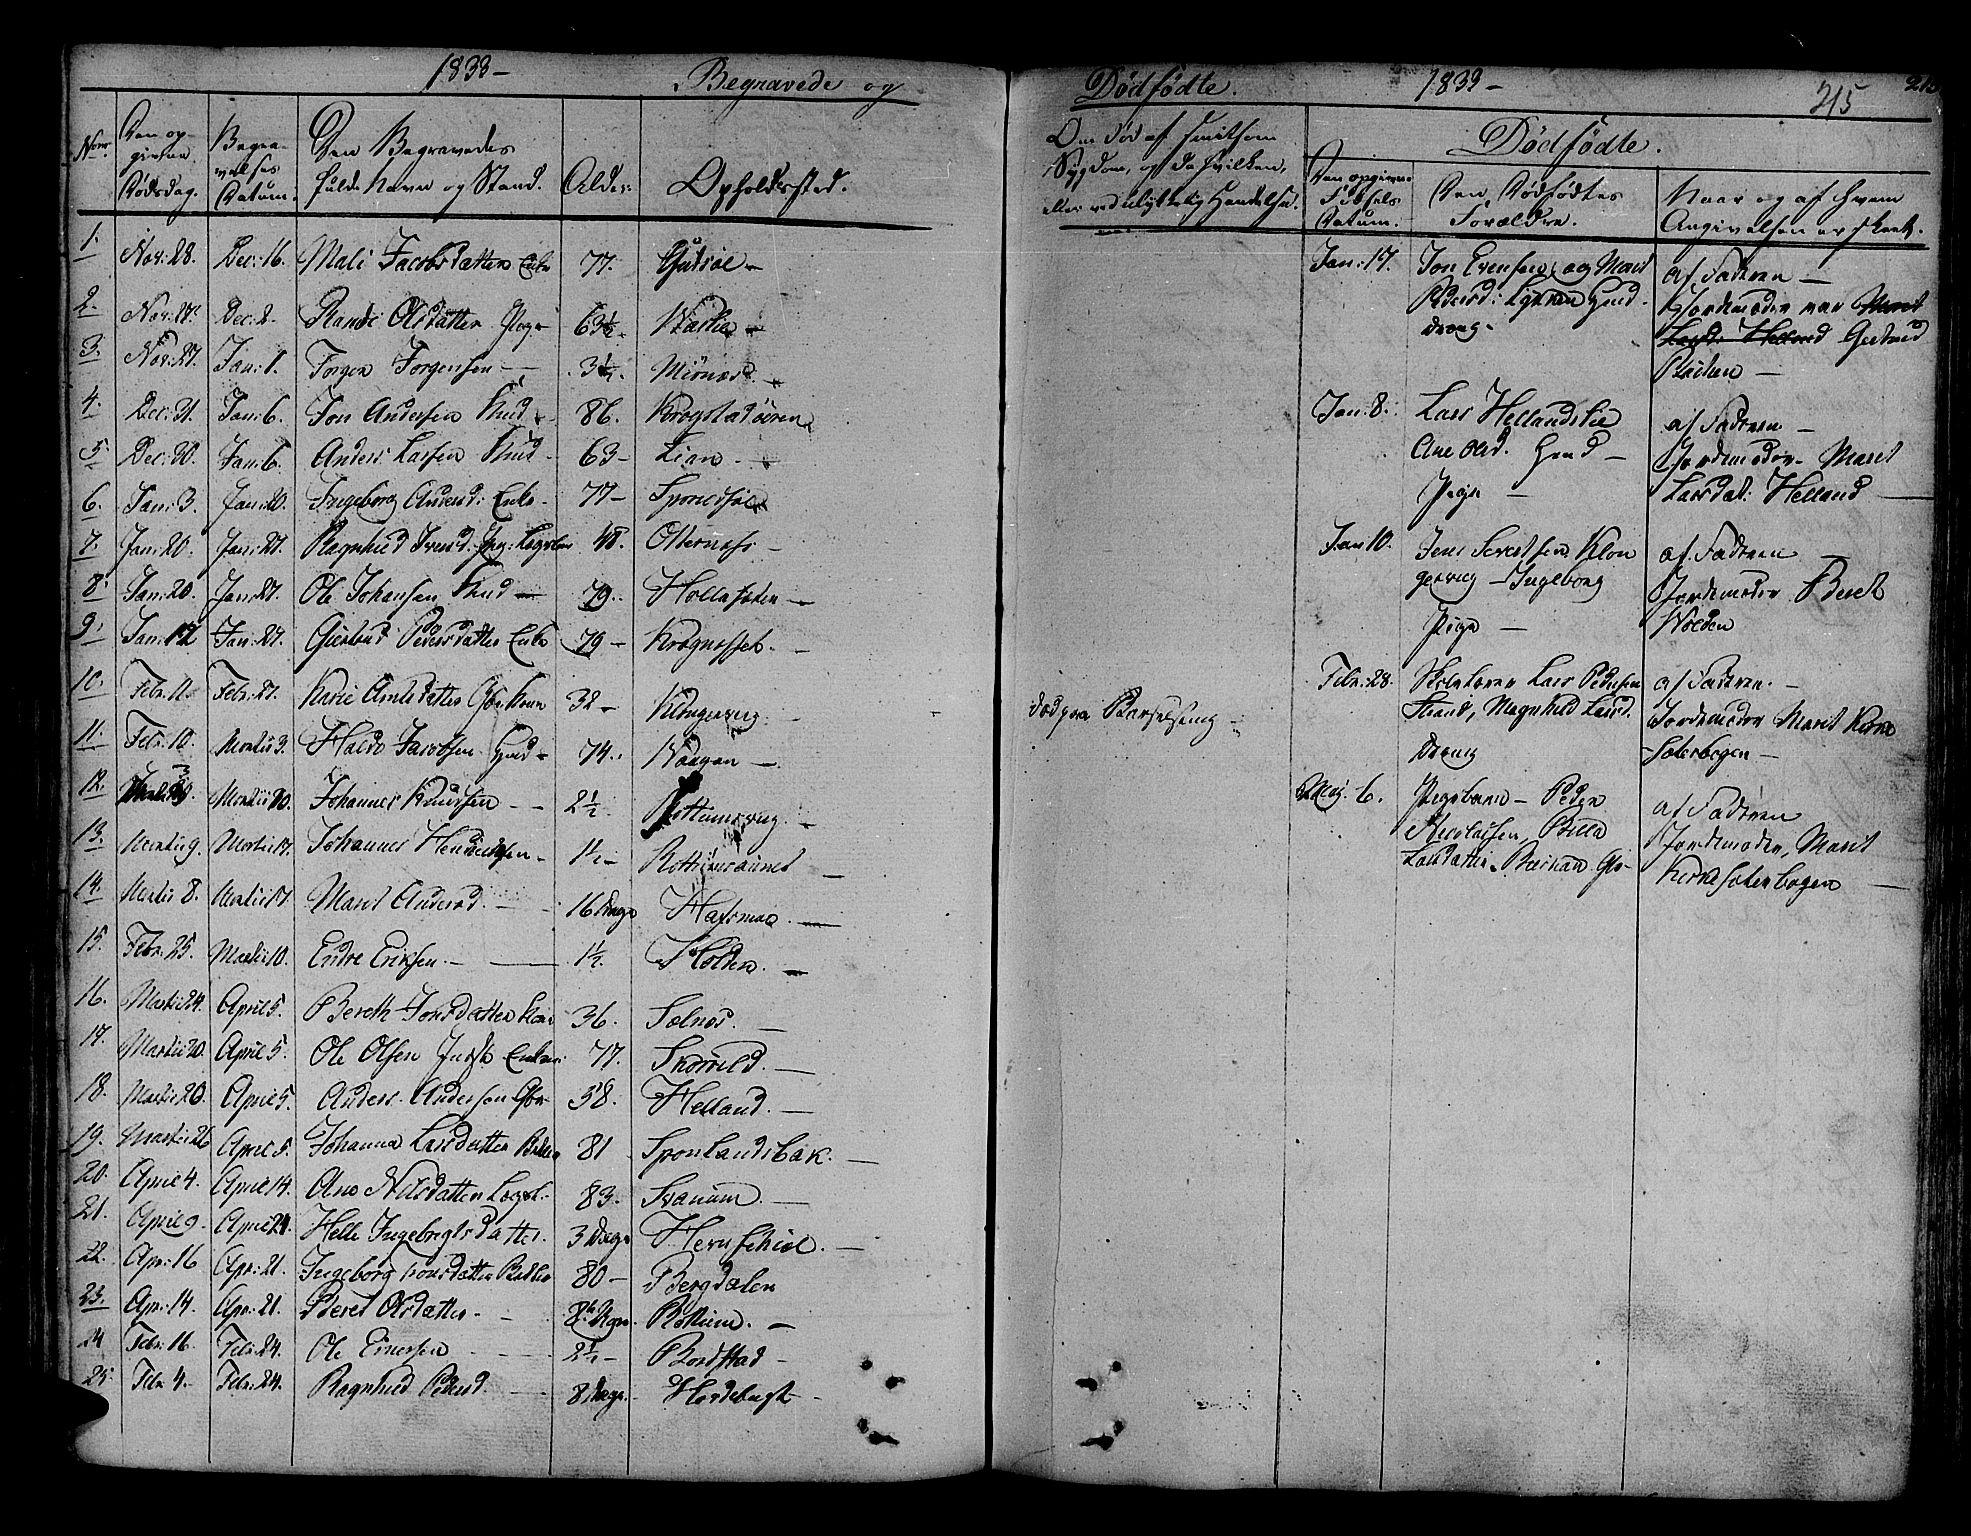 SAT, Ministerialprotokoller, klokkerbøker og fødselsregistre - Sør-Trøndelag, 630/L0492: Ministerialbok nr. 630A05, 1830-1840, s. 215